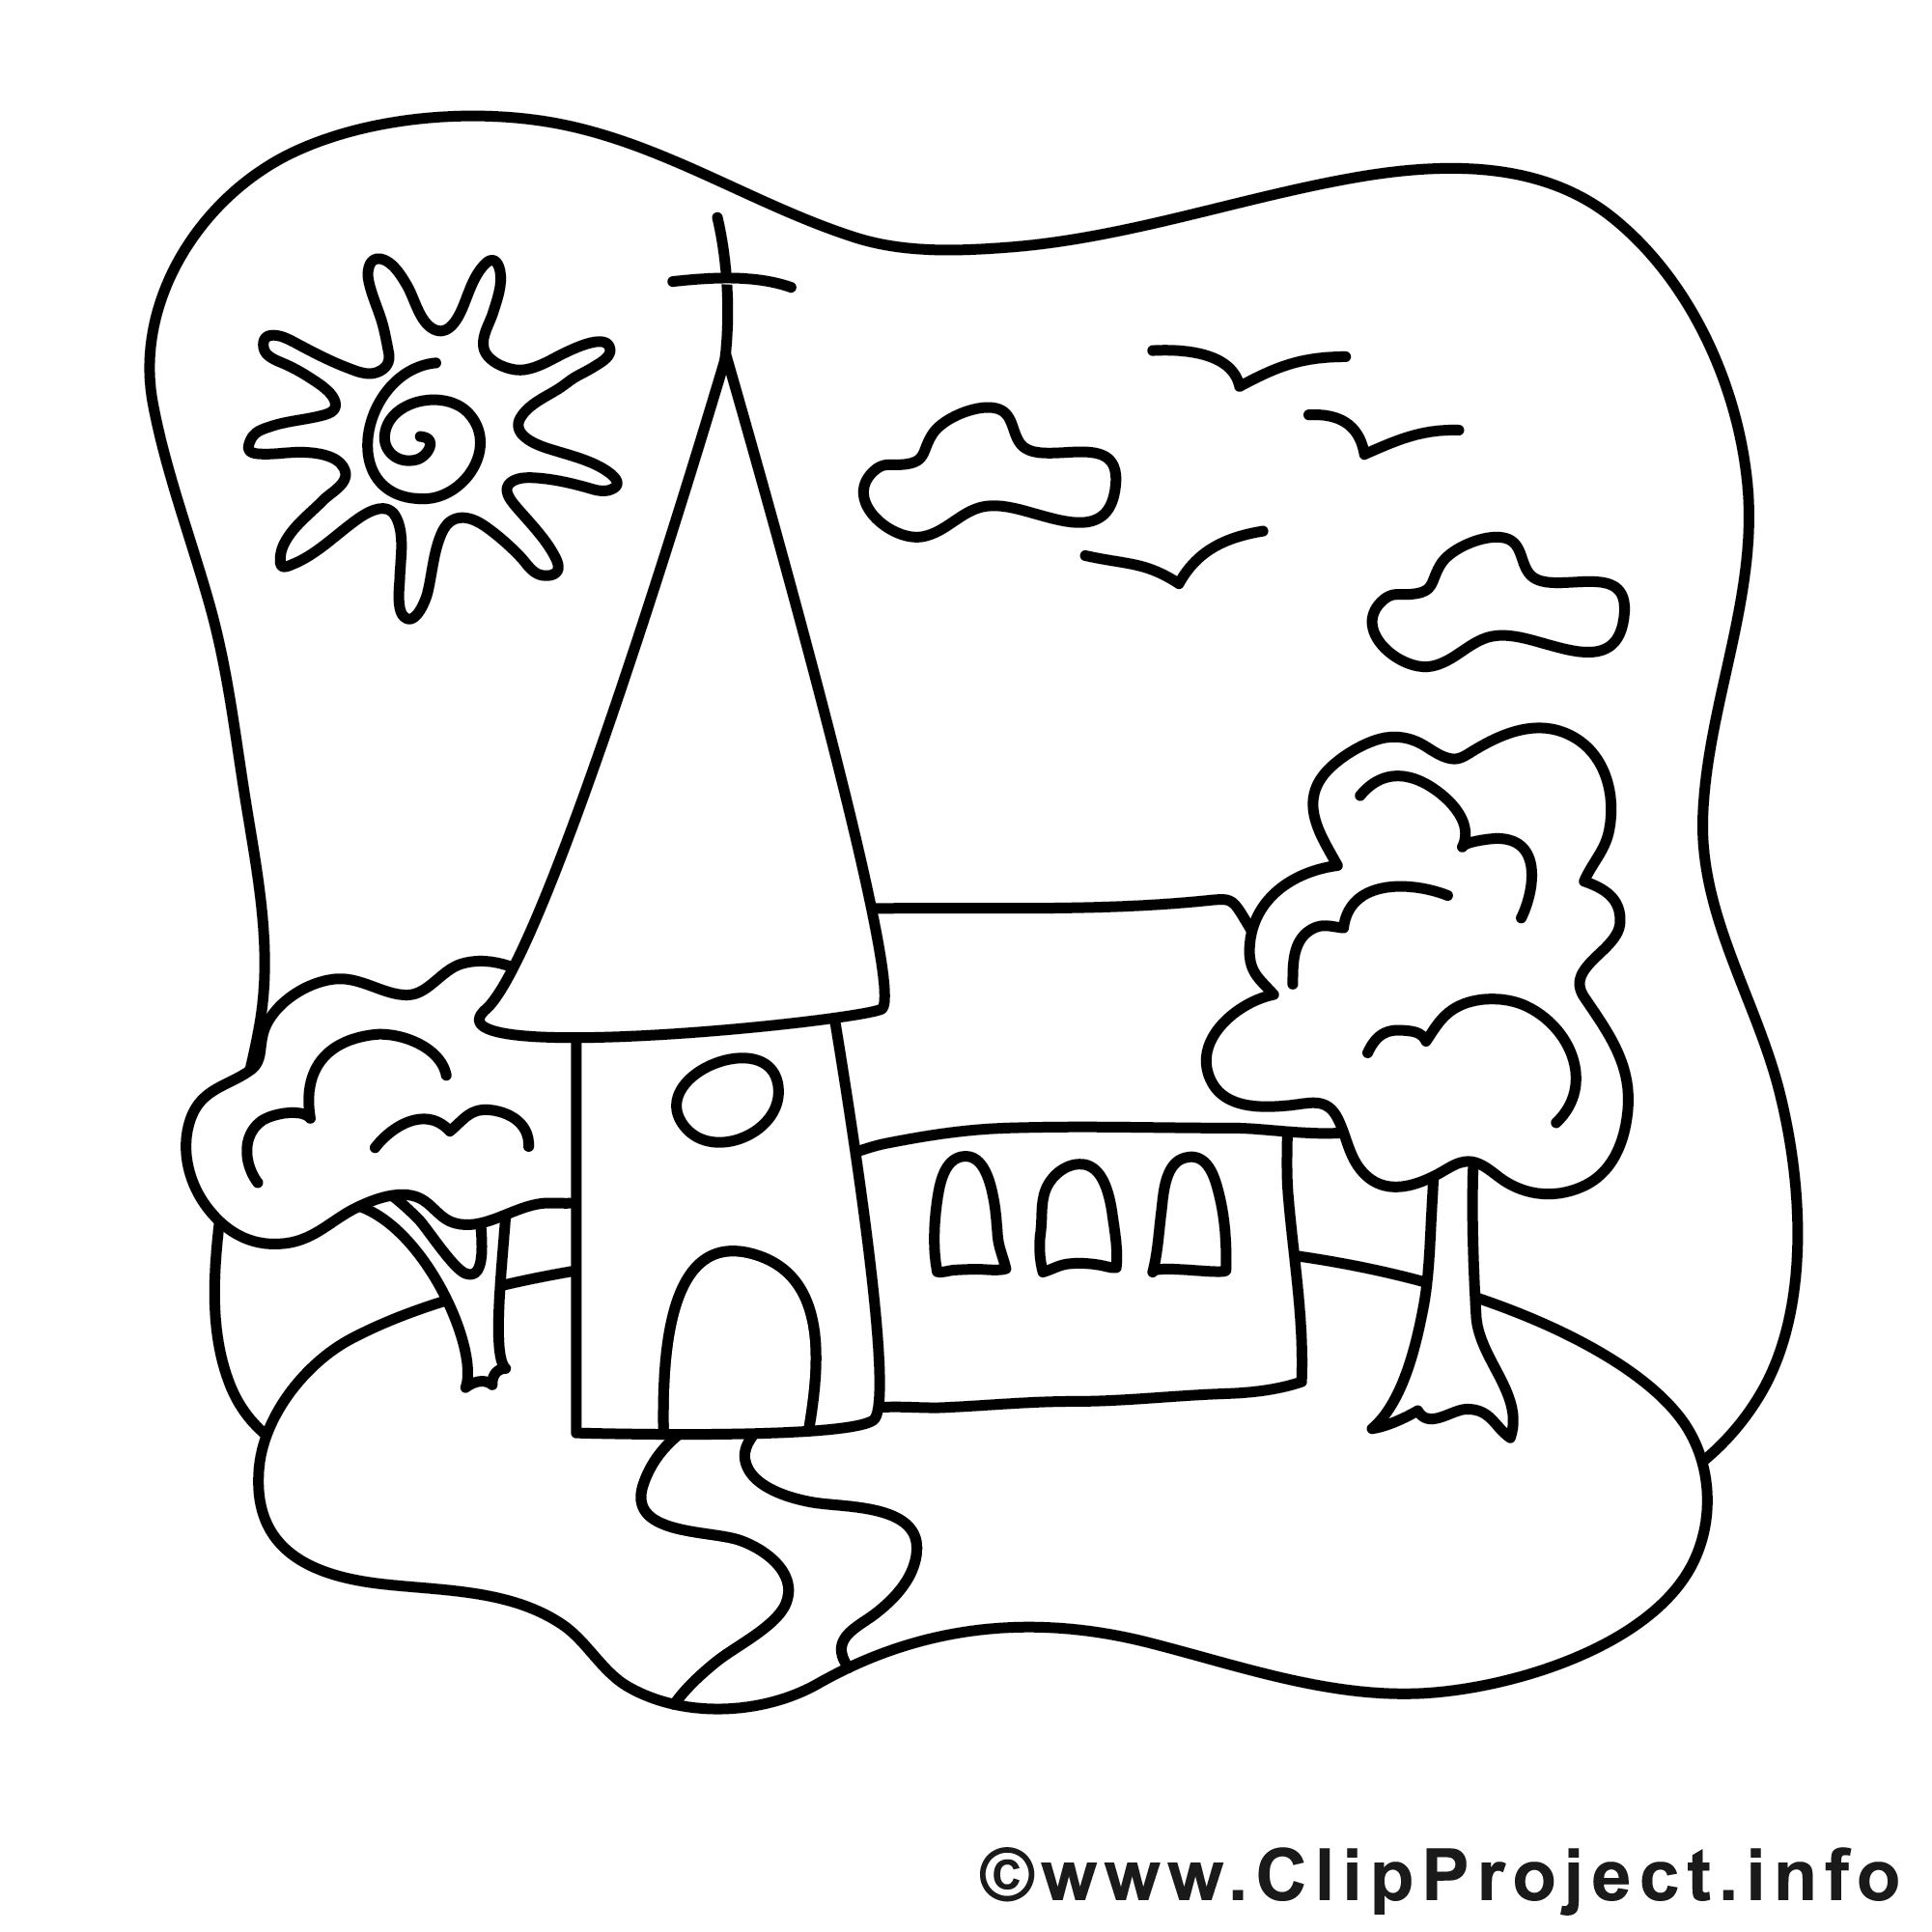 Bildergebnis Für Kerze Mit Kirchenmotiv | Bilder Zum verwandt mit Ausmalbild Kirche